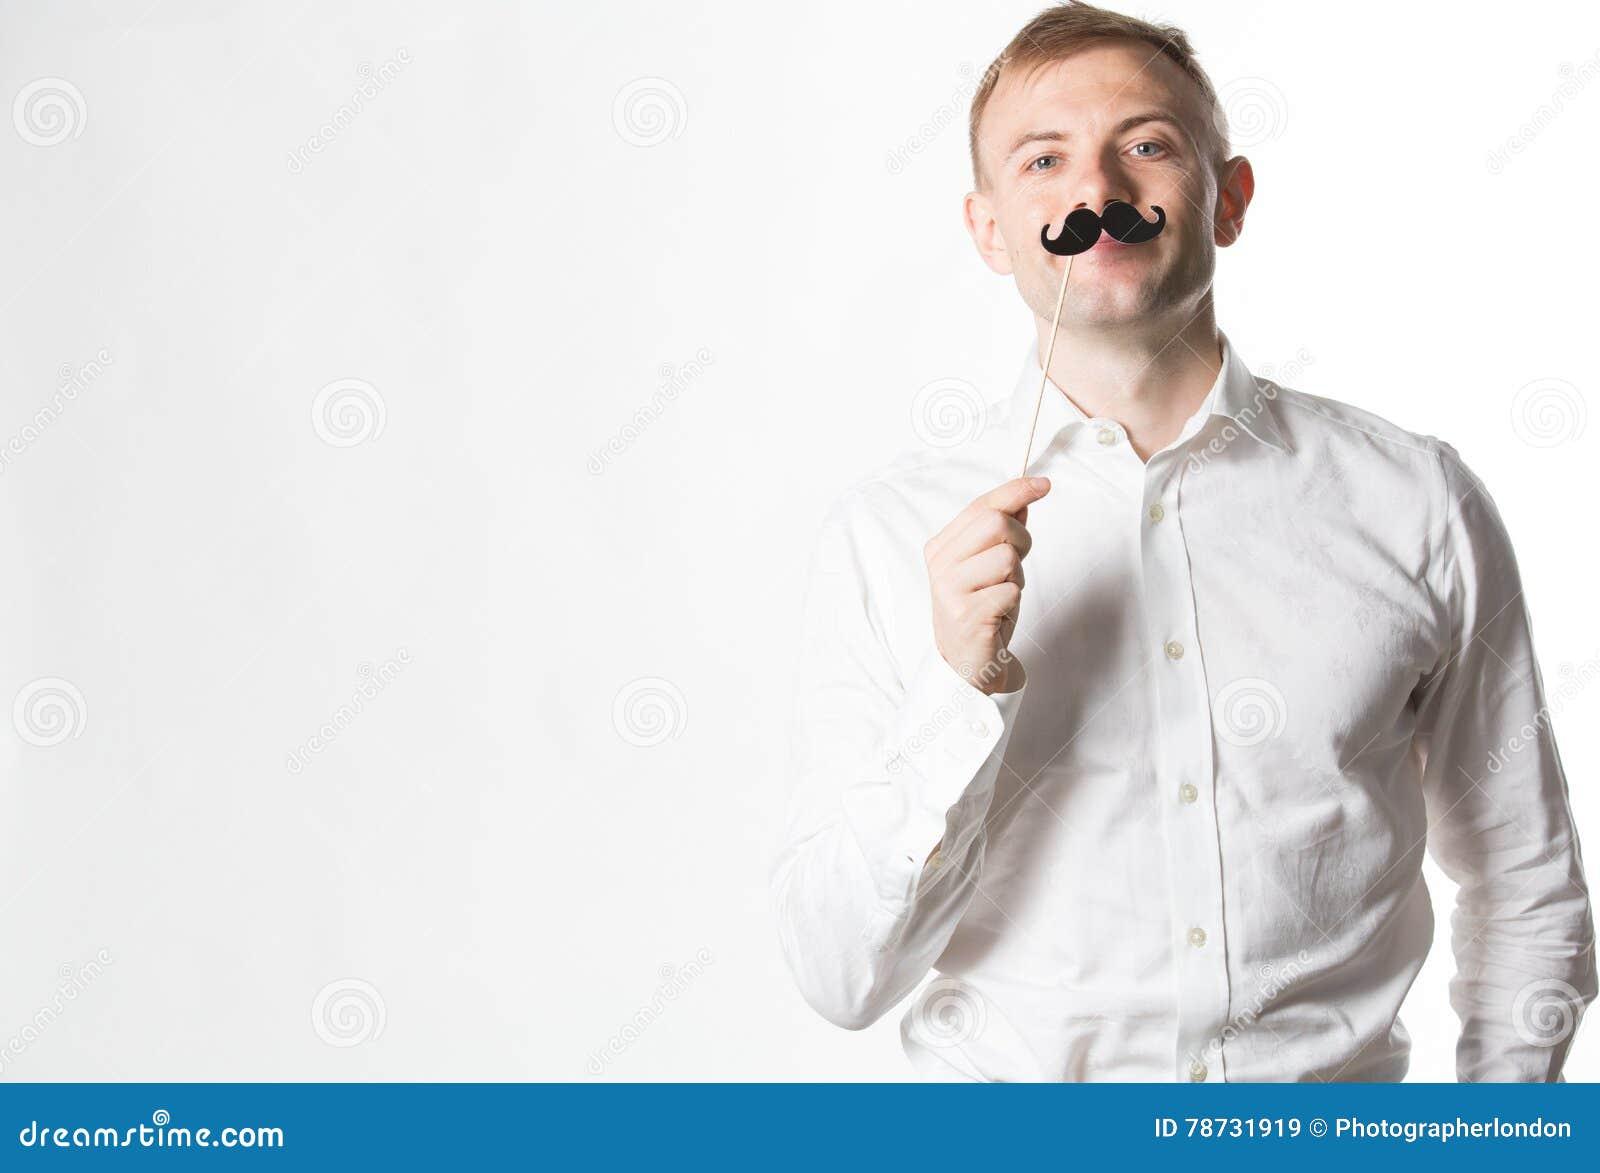 is mustache attractive